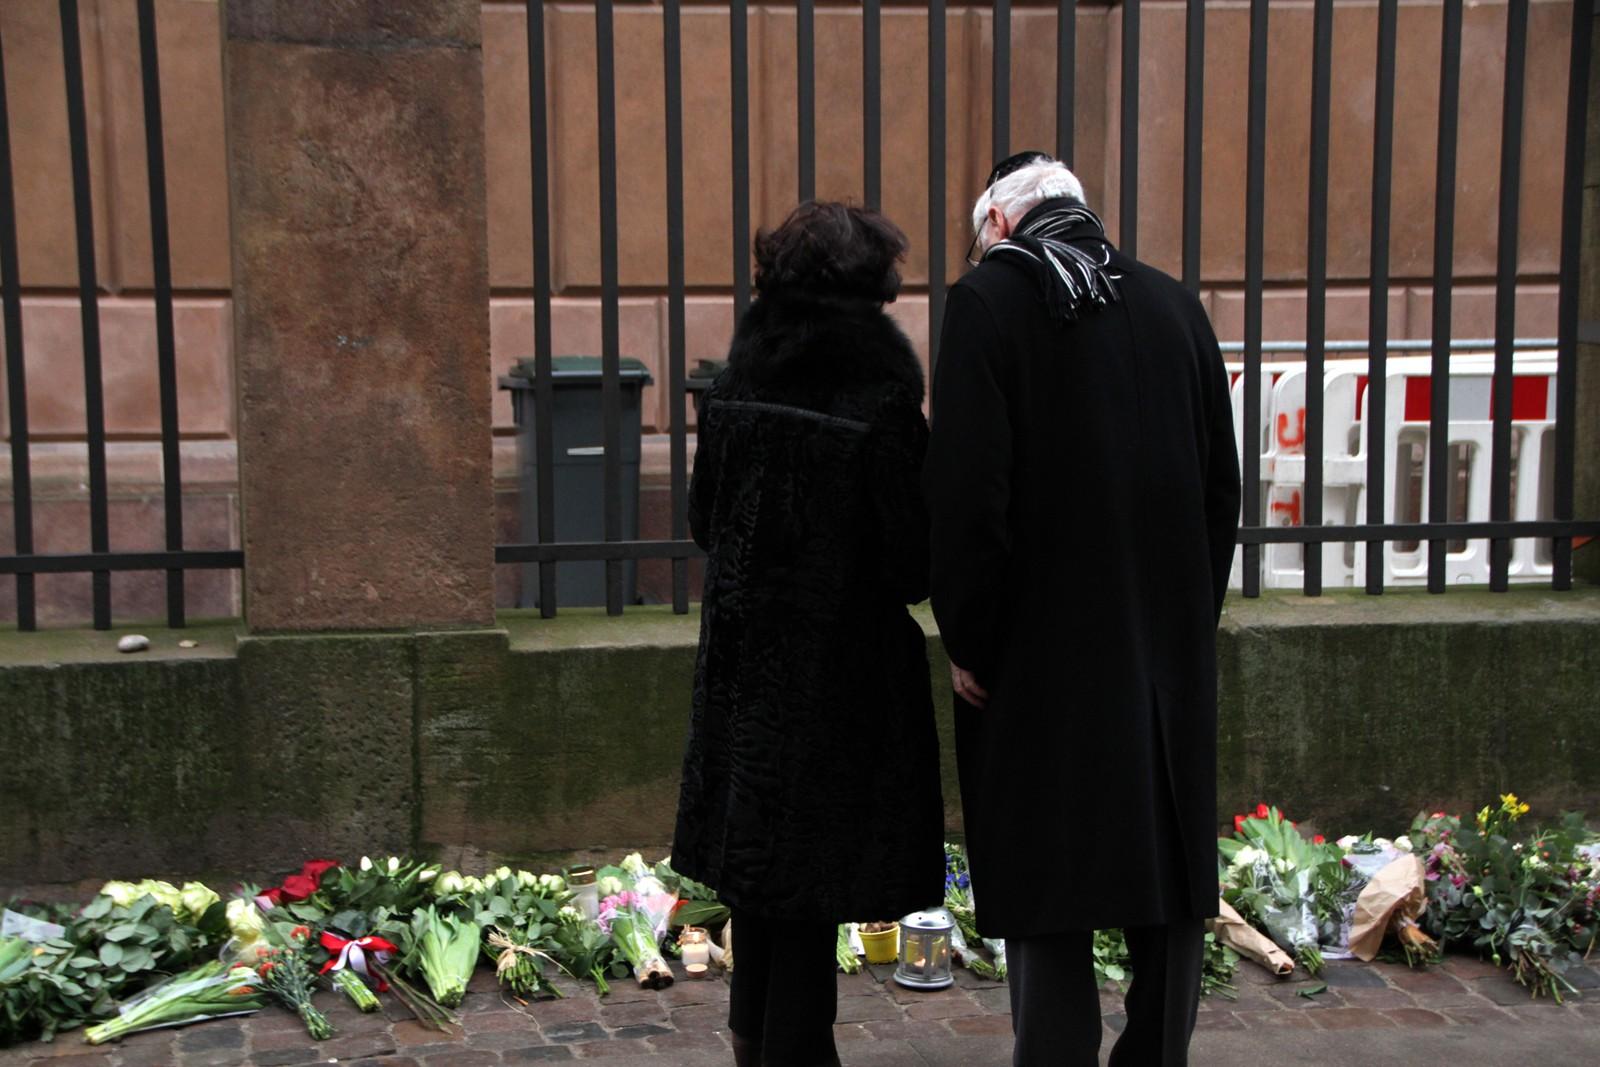 Det eldre ekteparet Miriam og Ben Bograd har som mange andre københavnere i dag, møtt opp foran synagogen for å legge ned blomster til ære for den avdøde 37-åringen.